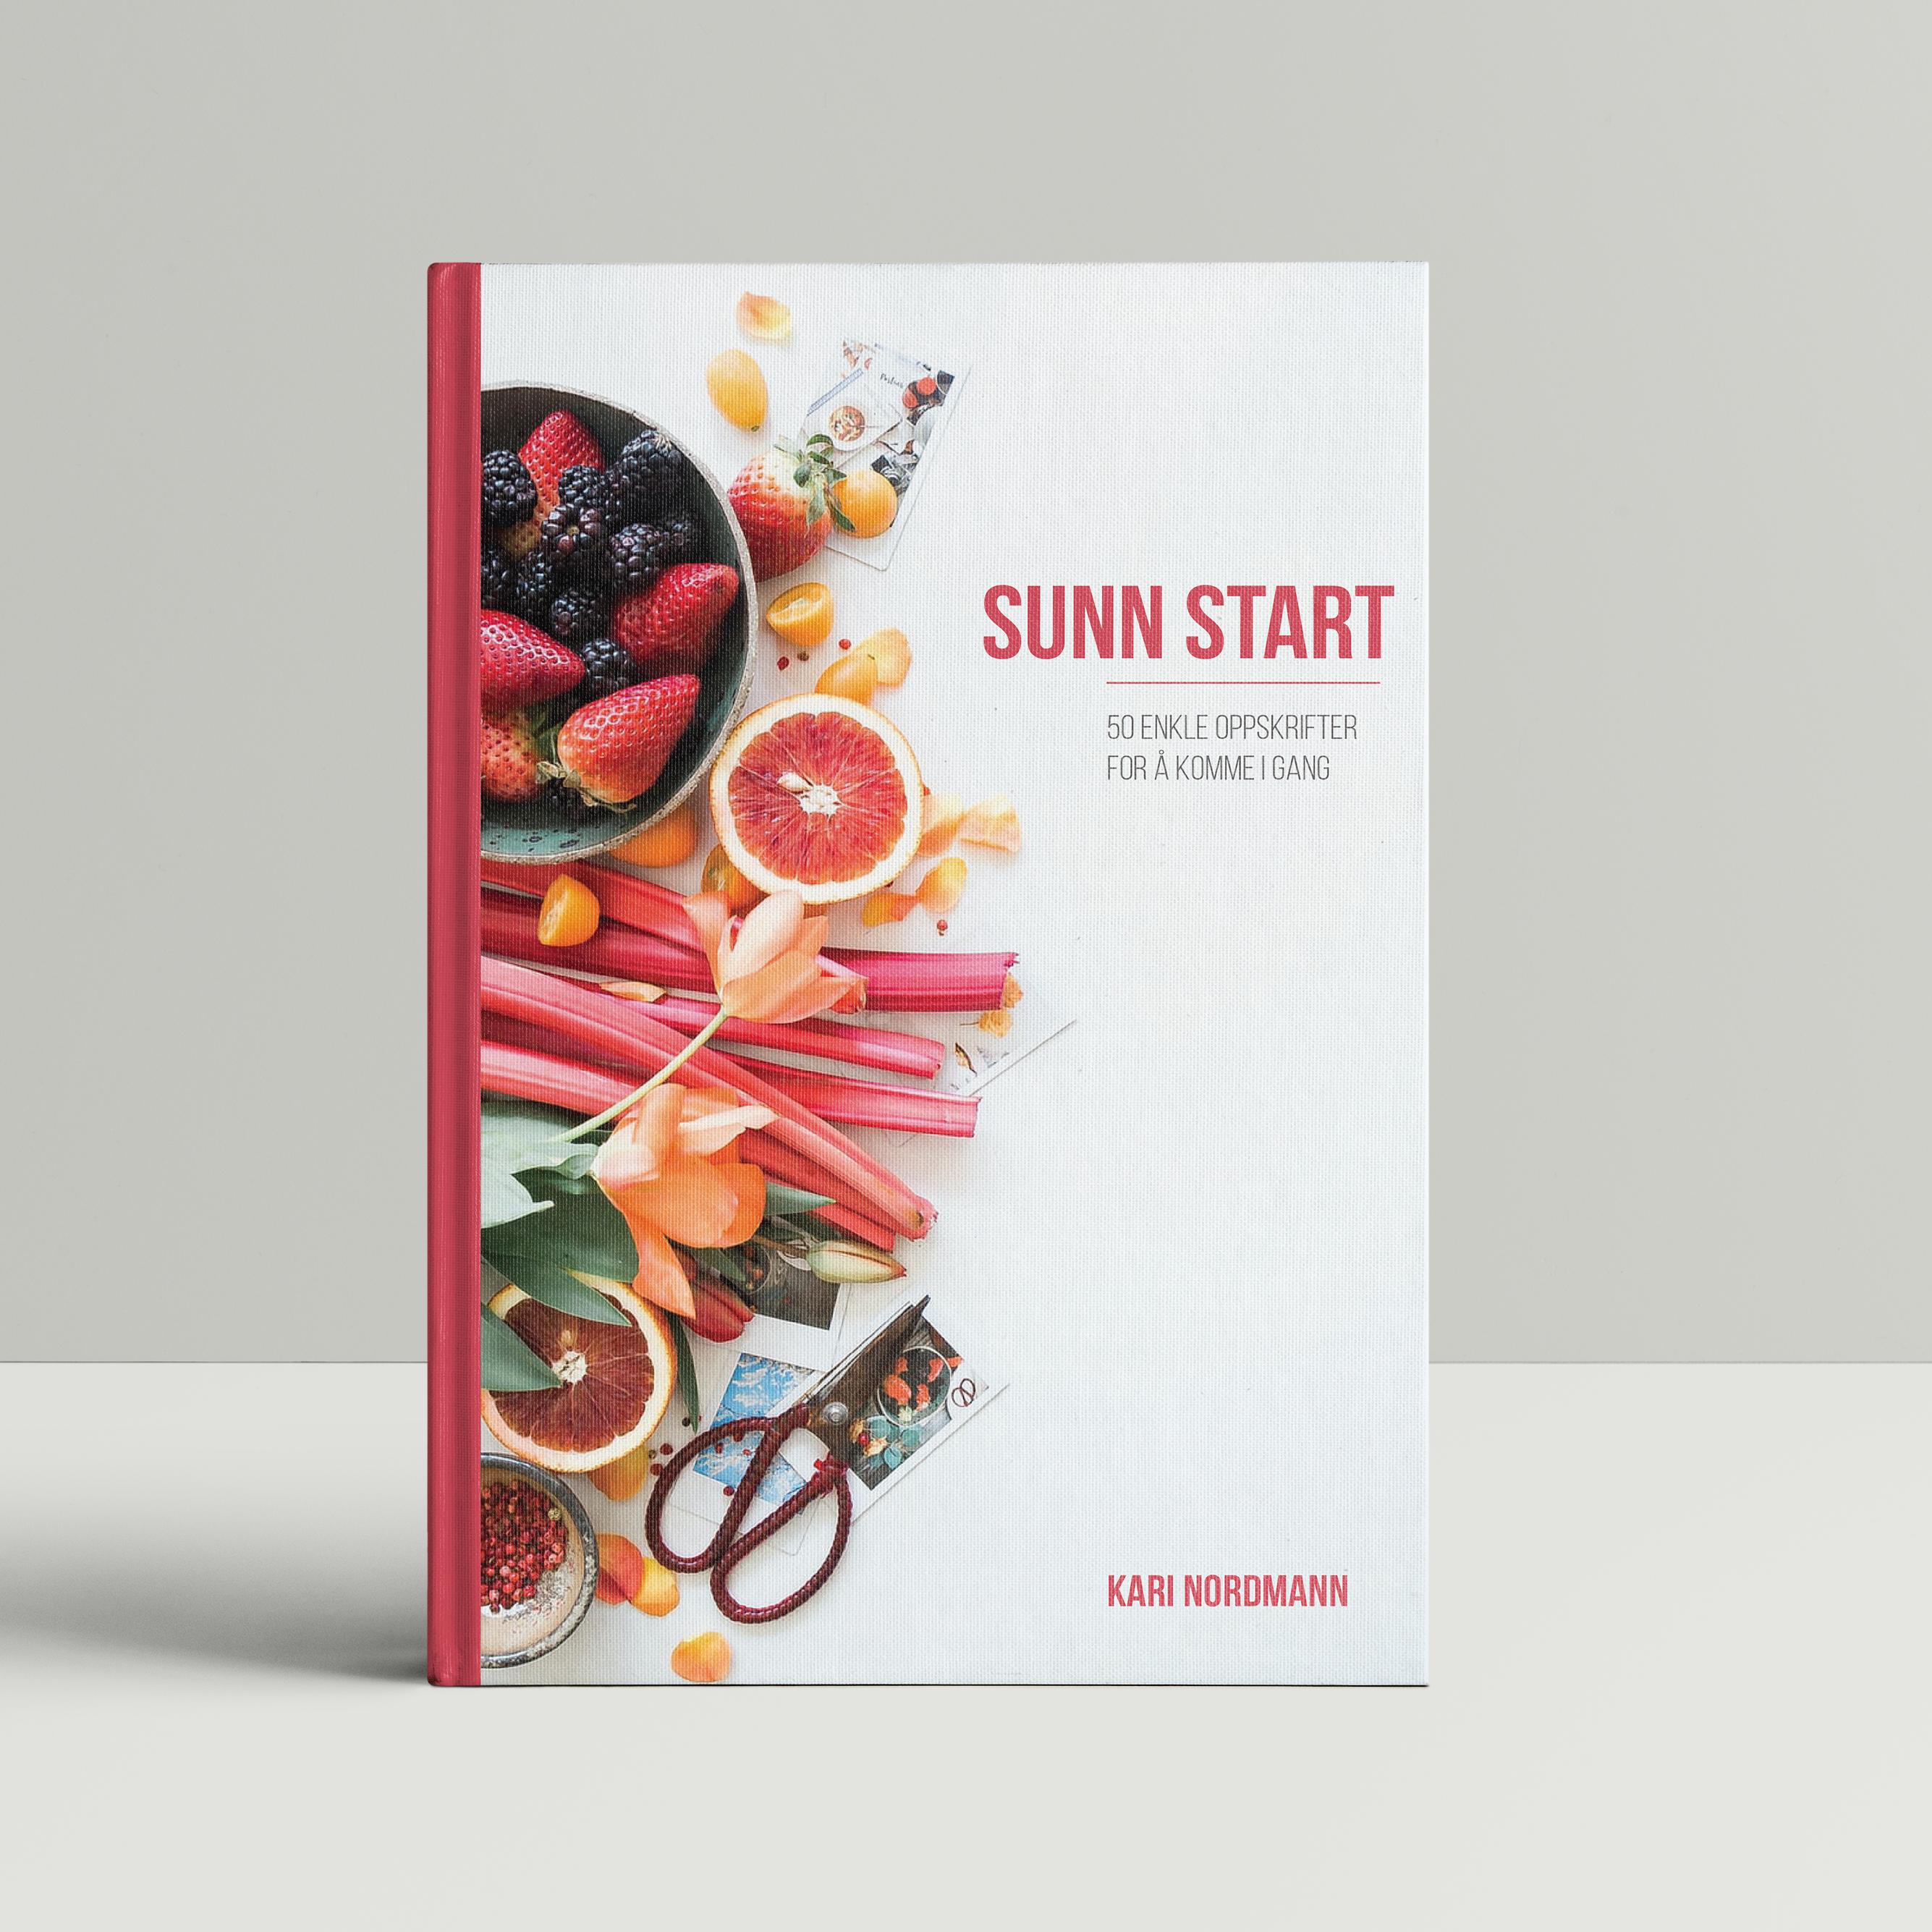 Bilde av en kokebok med hvit bakgrunn og rosa tekst. Boken har omslag med bilder av mange typer frukt.